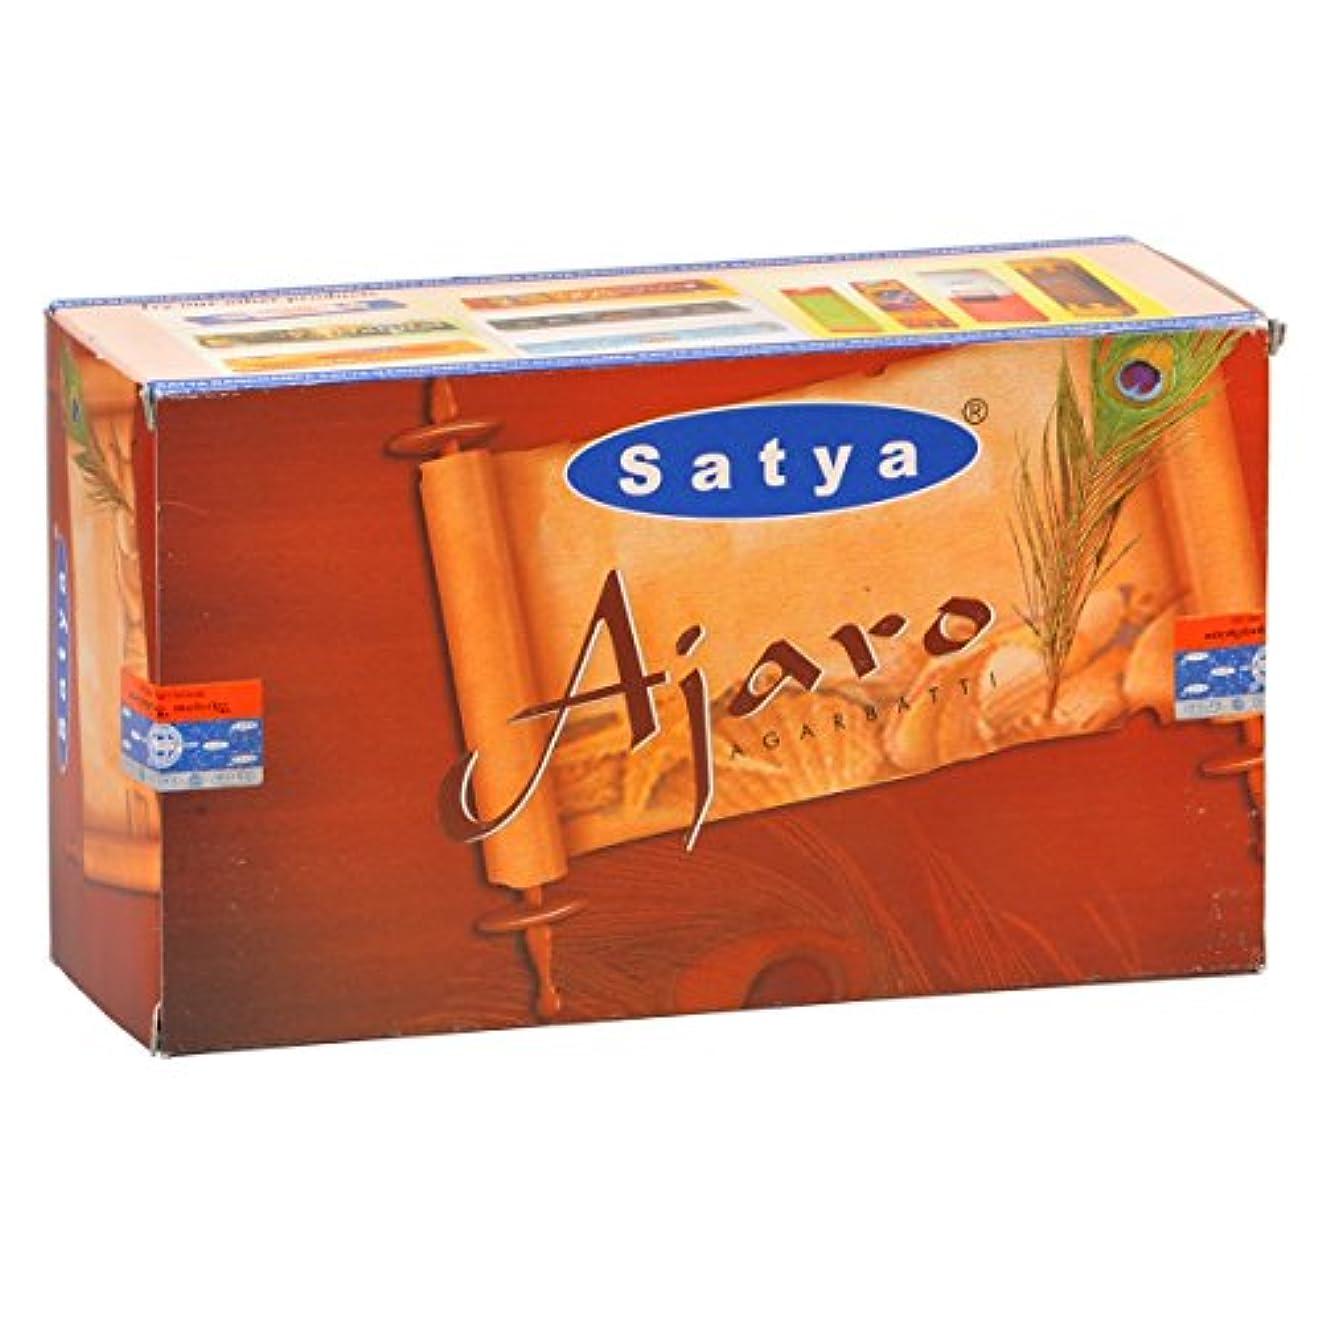 ますます肥満クルーSATYA(サティヤ) アジャロ Ajaro スティックタイプ お香 12箱 セット [並行輸入品]